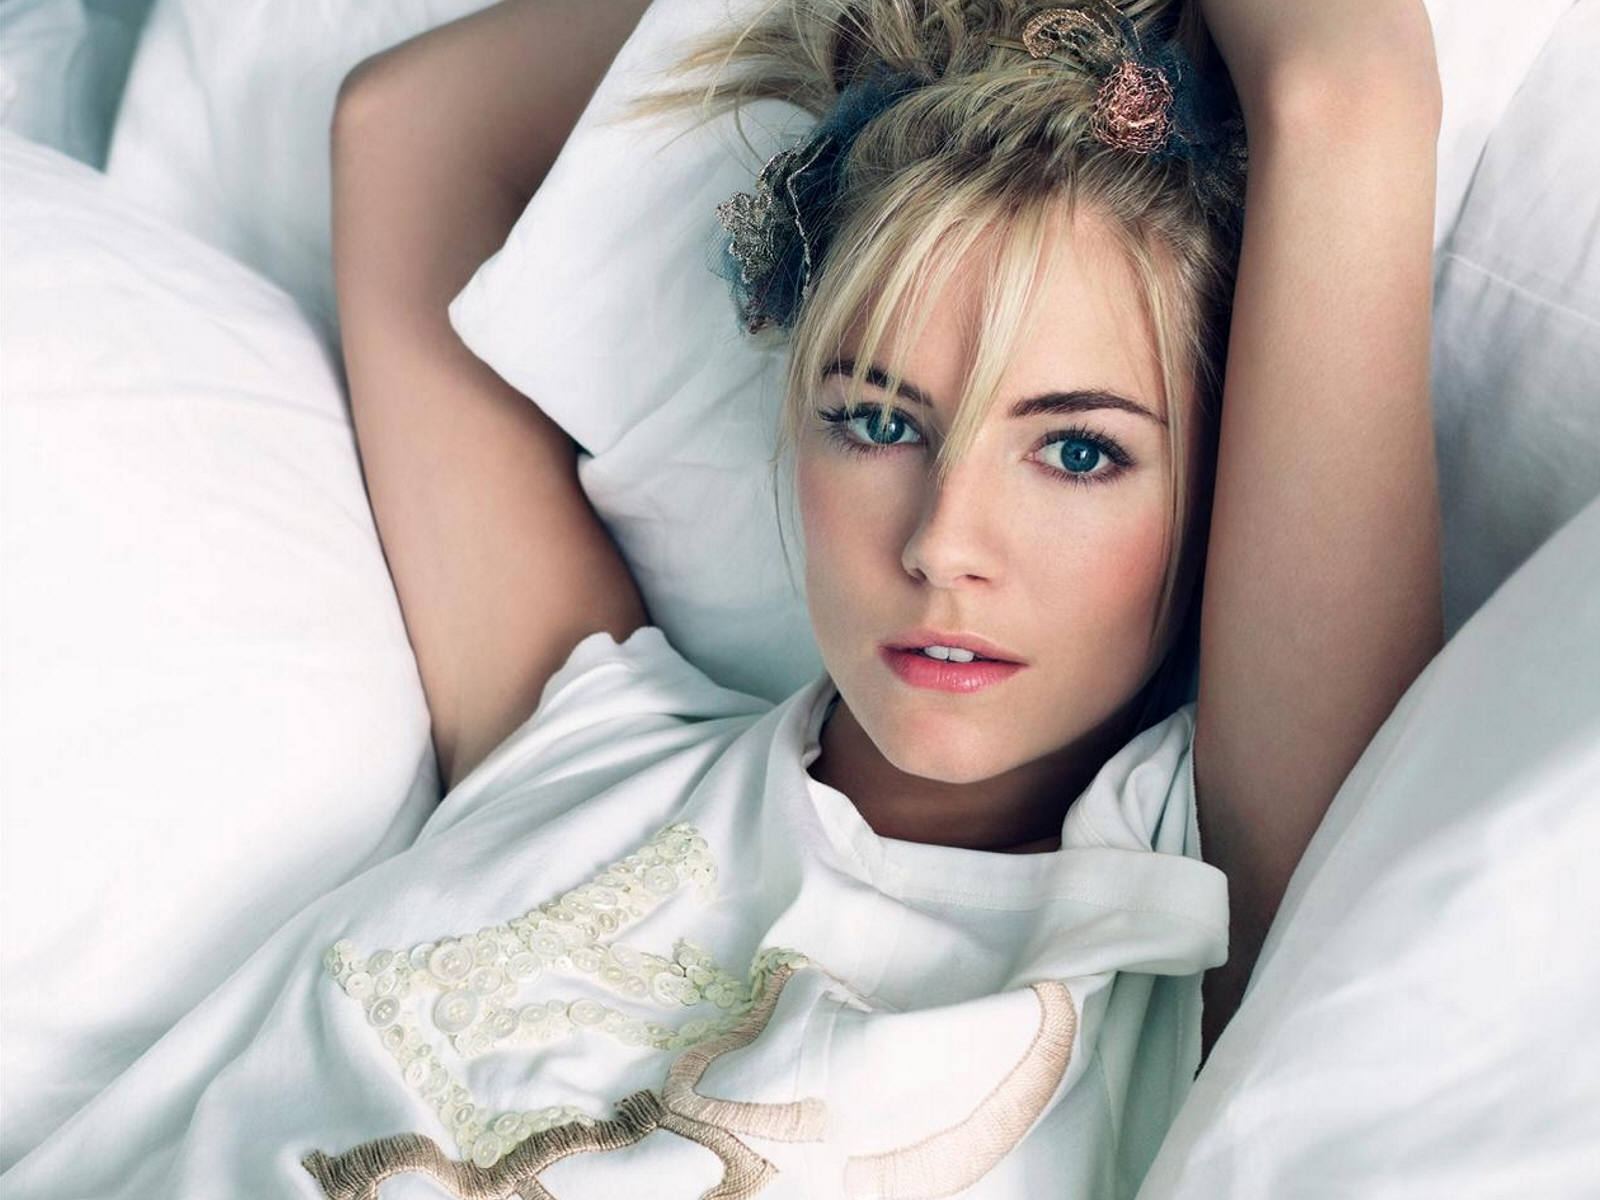 http://3.bp.blogspot.com/-QozBINqxrgk/TlVHA-5wZYI/AAAAAAAAGk0/-G5WUD-wl3Q/s1600/Sienna-Miller08.jpg